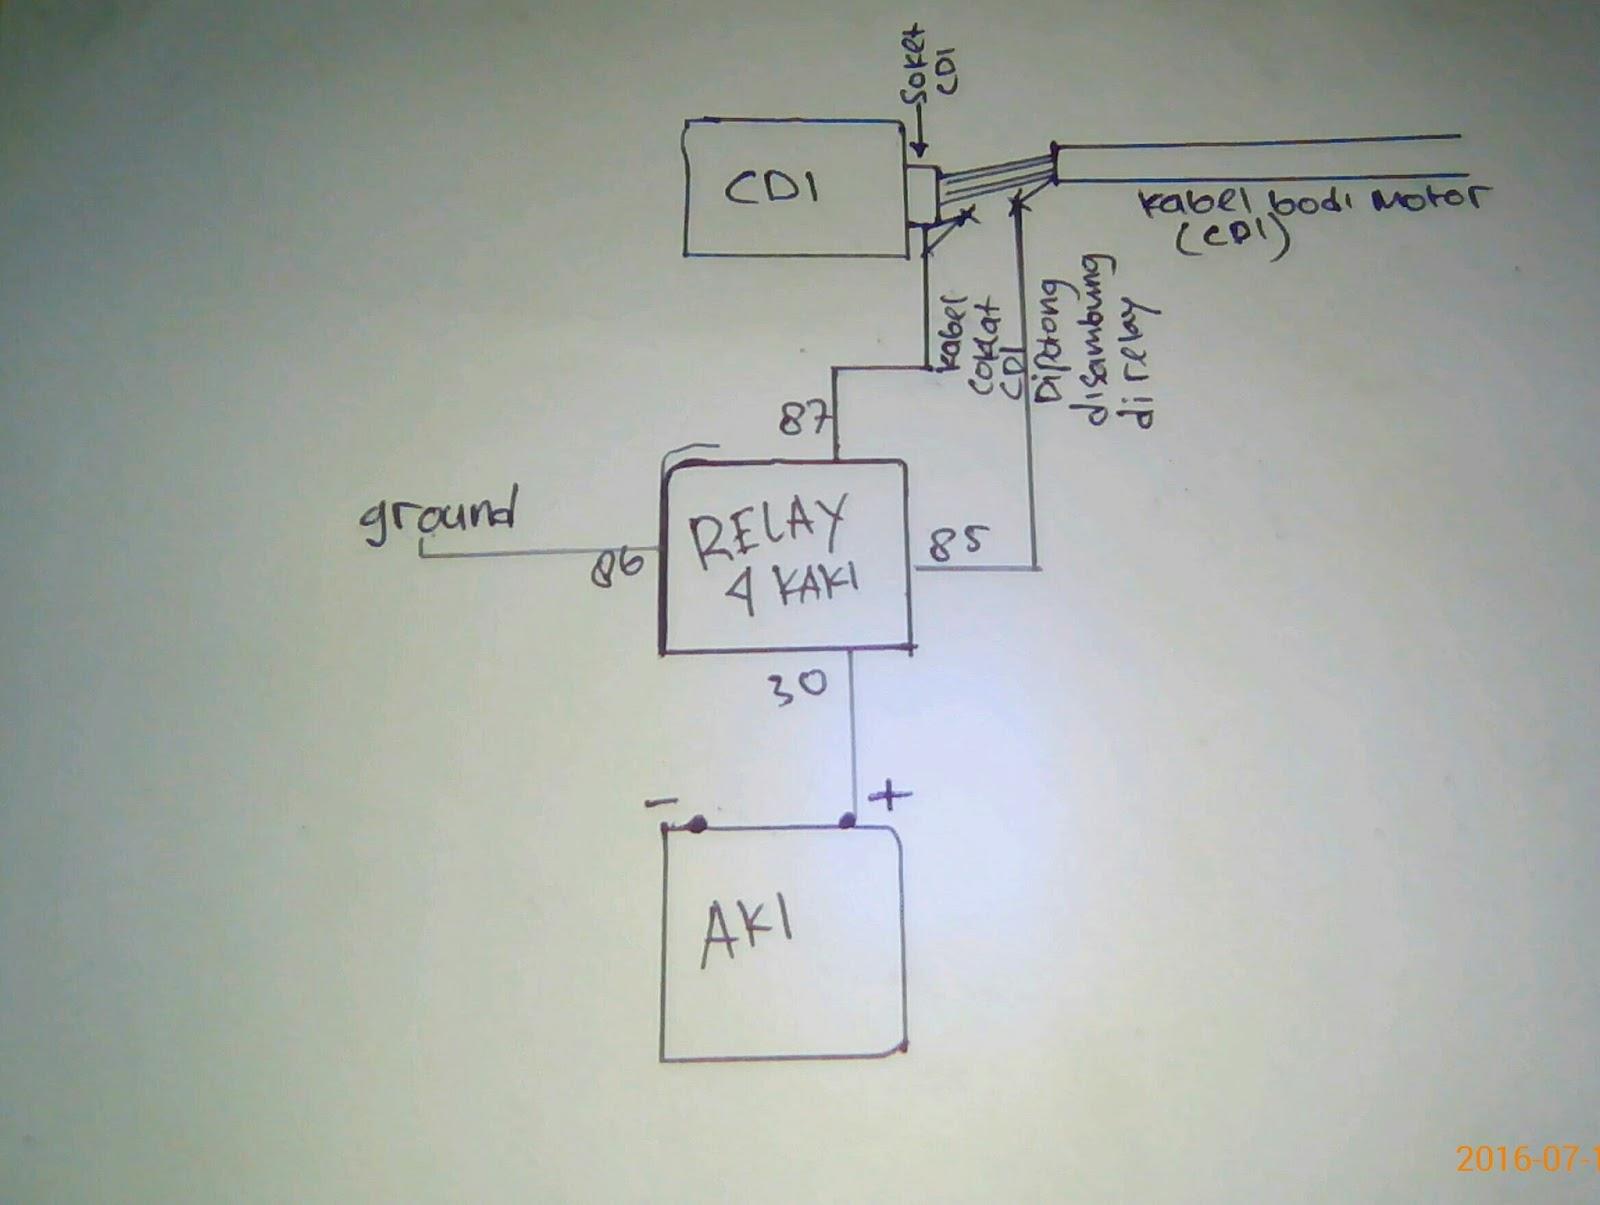 Solusi jupiter mx memaksimalkan pengapian atau memperbesar kabel coklat cdi di putus itu kabel 12volt yg mondar mandir melewati kabel bodi sehingga arusnya gak semaksimal mungkin kalo di kasih relay menuju ke aki asfbconference2016 Choice Image